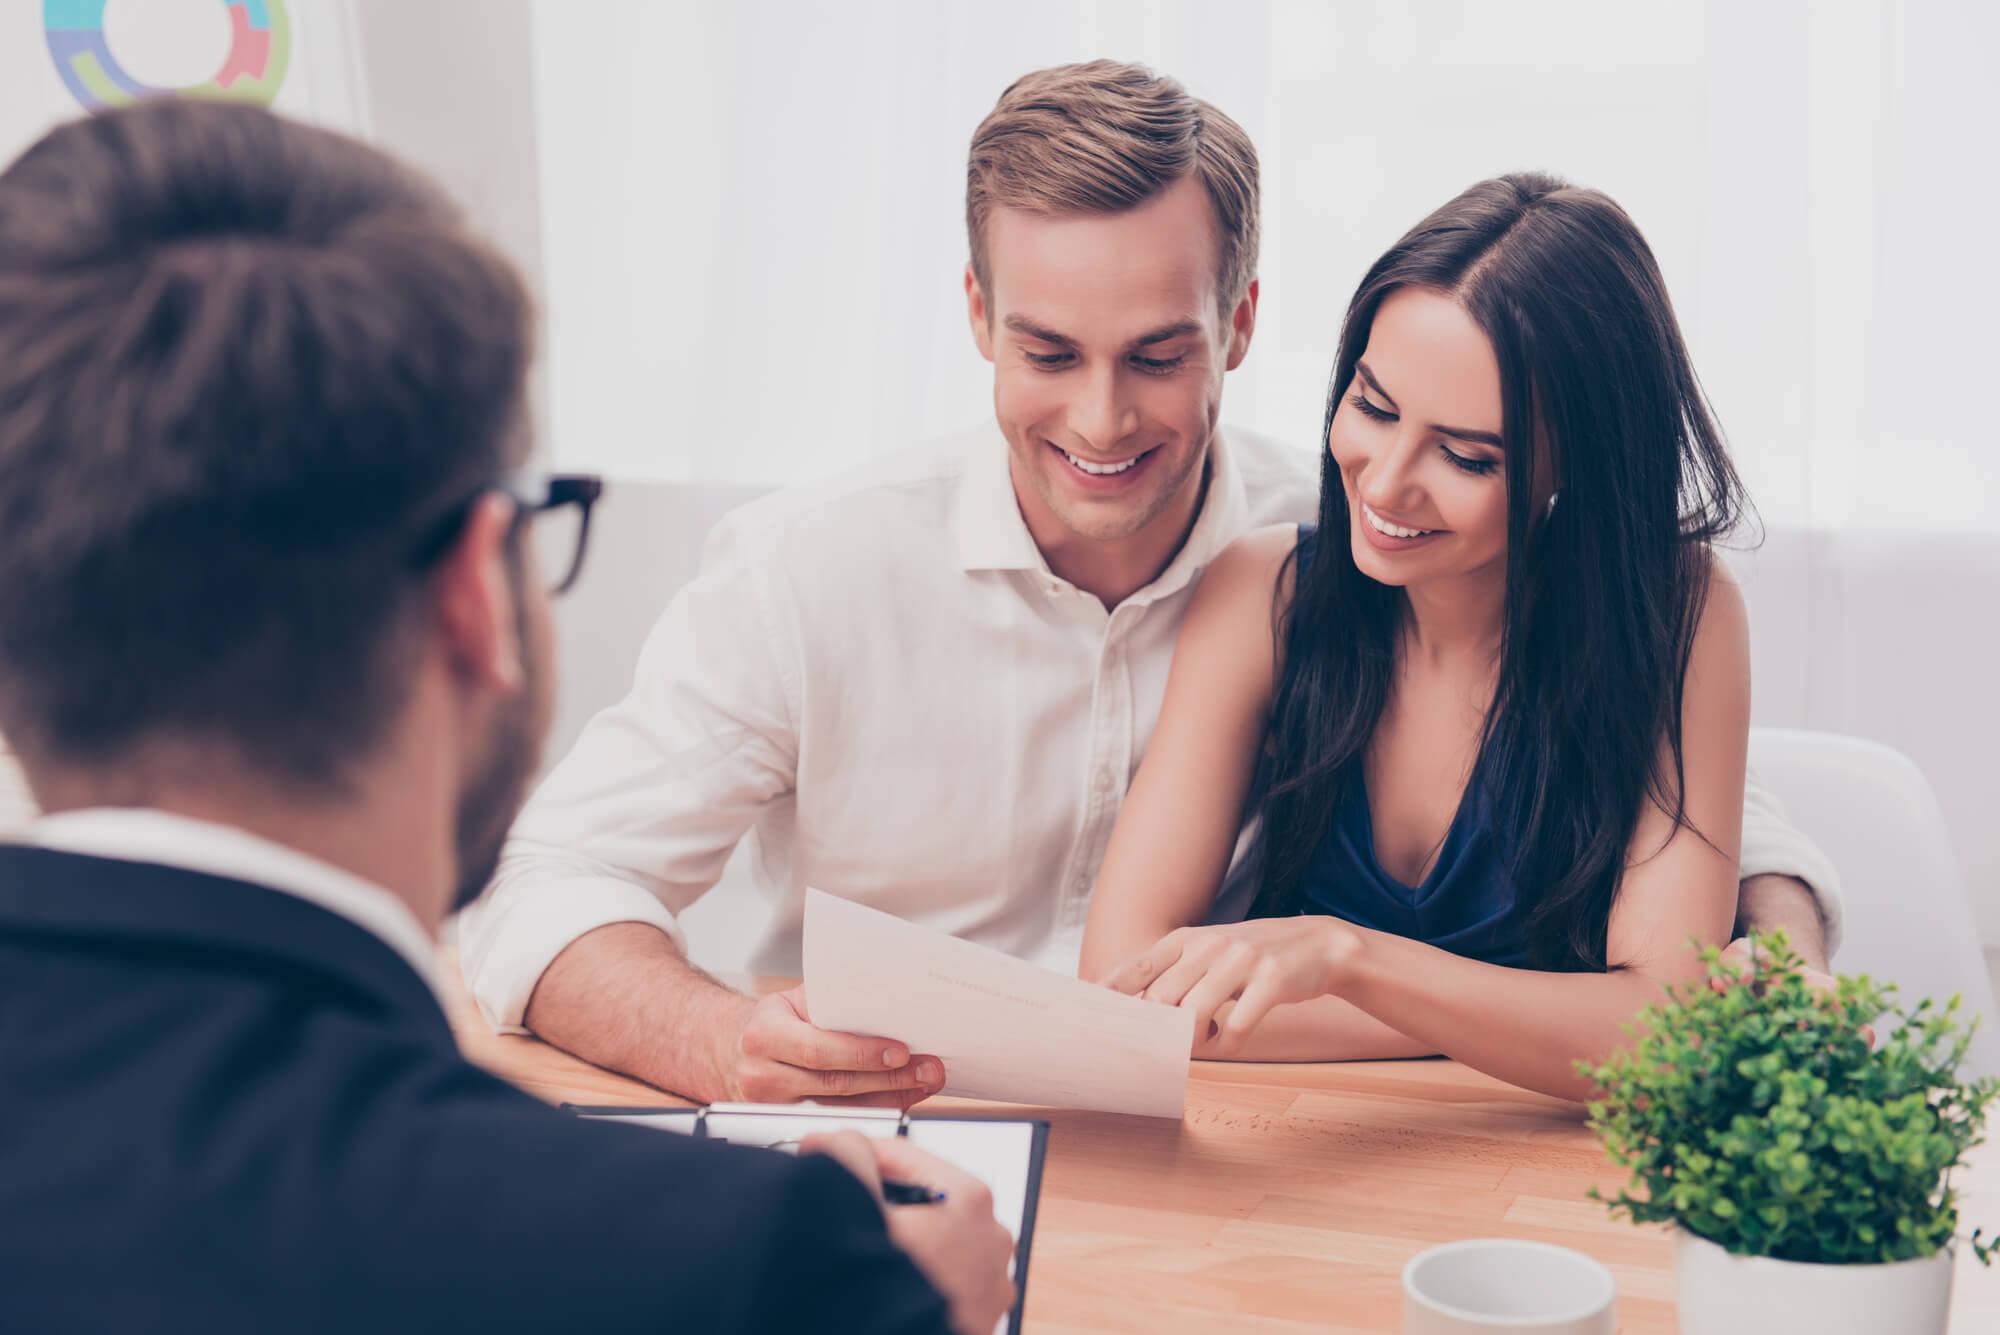 Compra de imóvel em comunhão: 5 cuidados que o casal precisa tomar